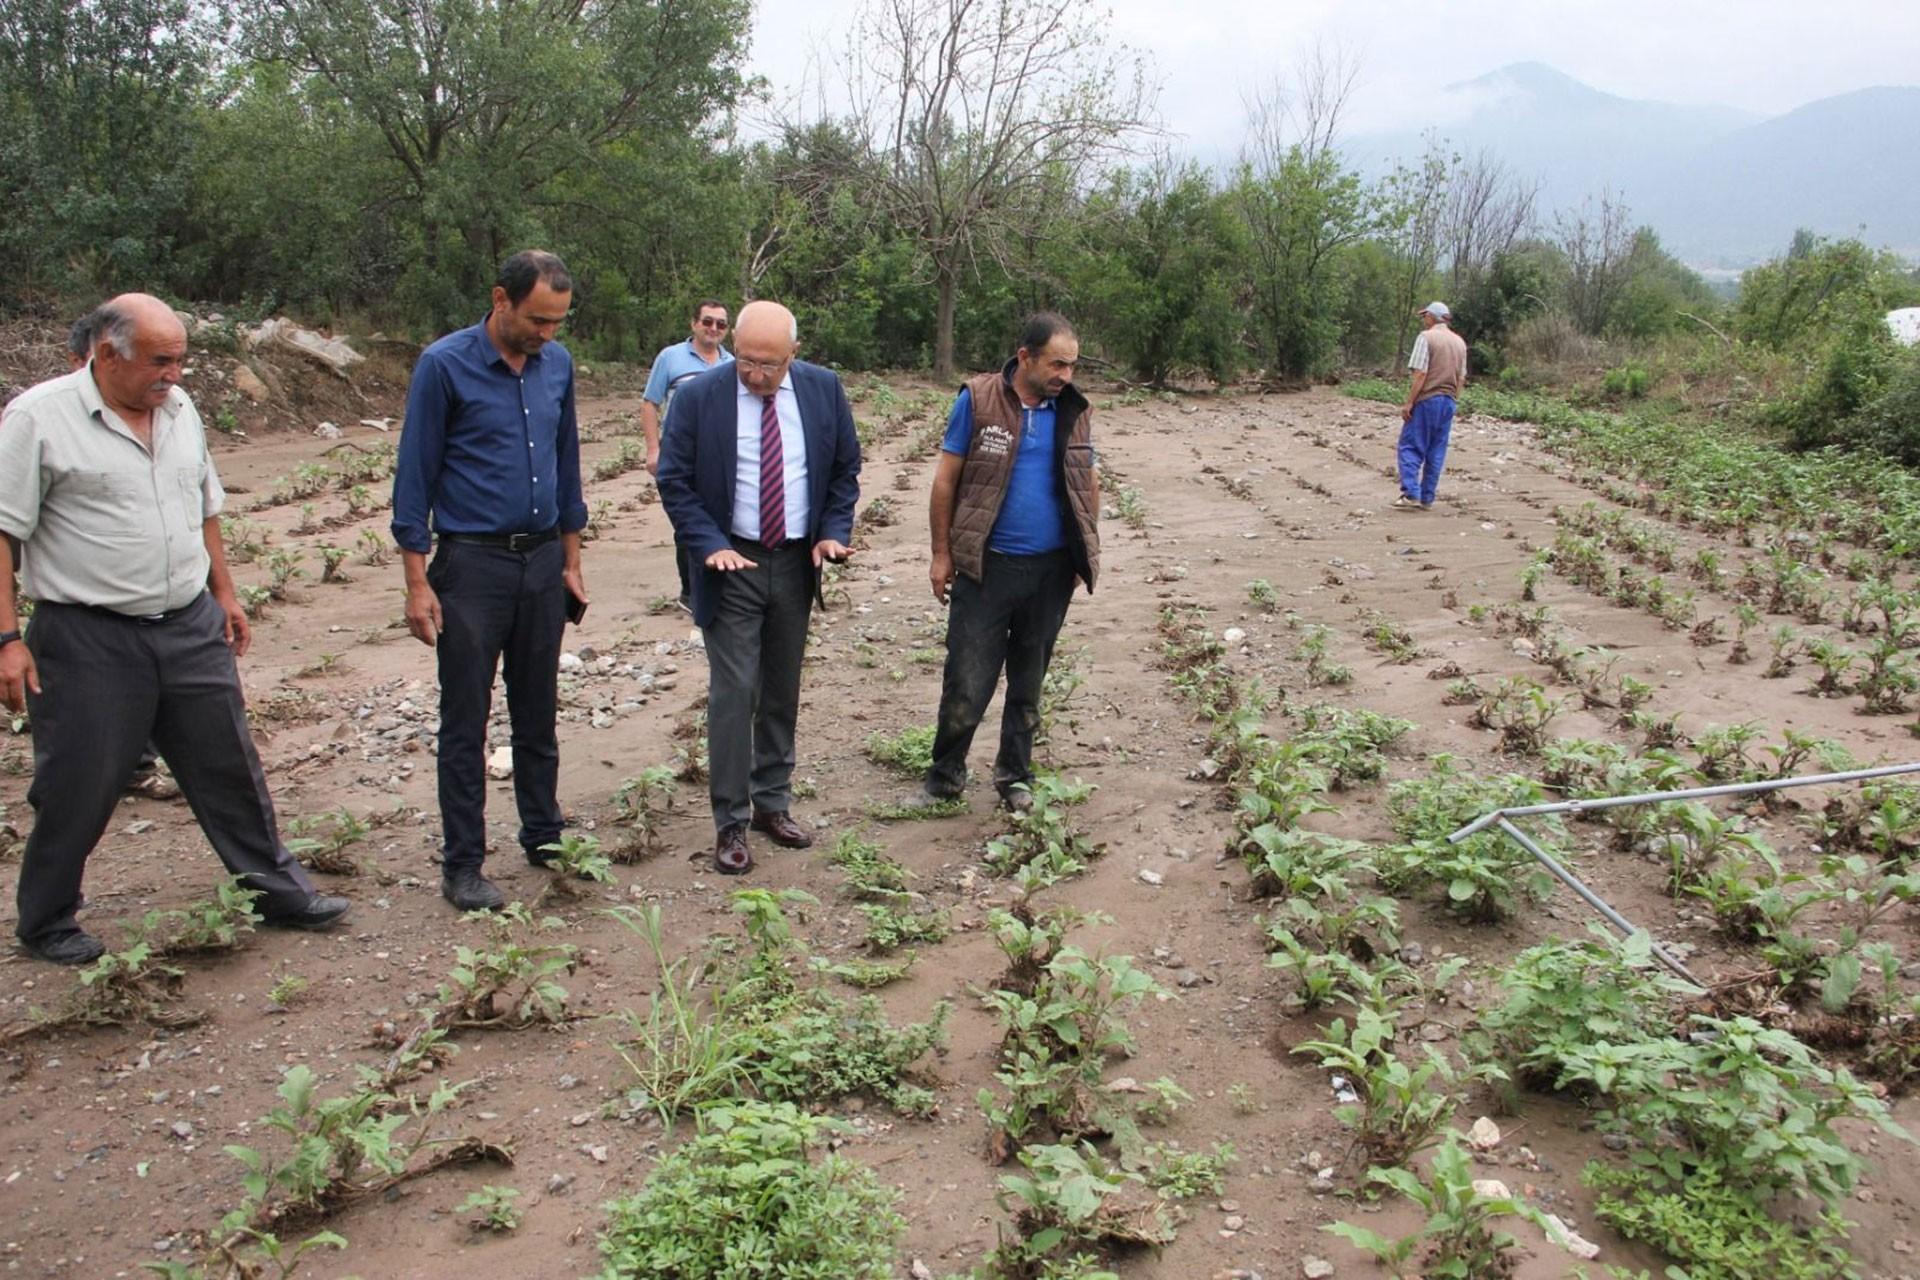 Eskişehir'de sel felaketinin ardından çiftçiye yapılan ziyaret